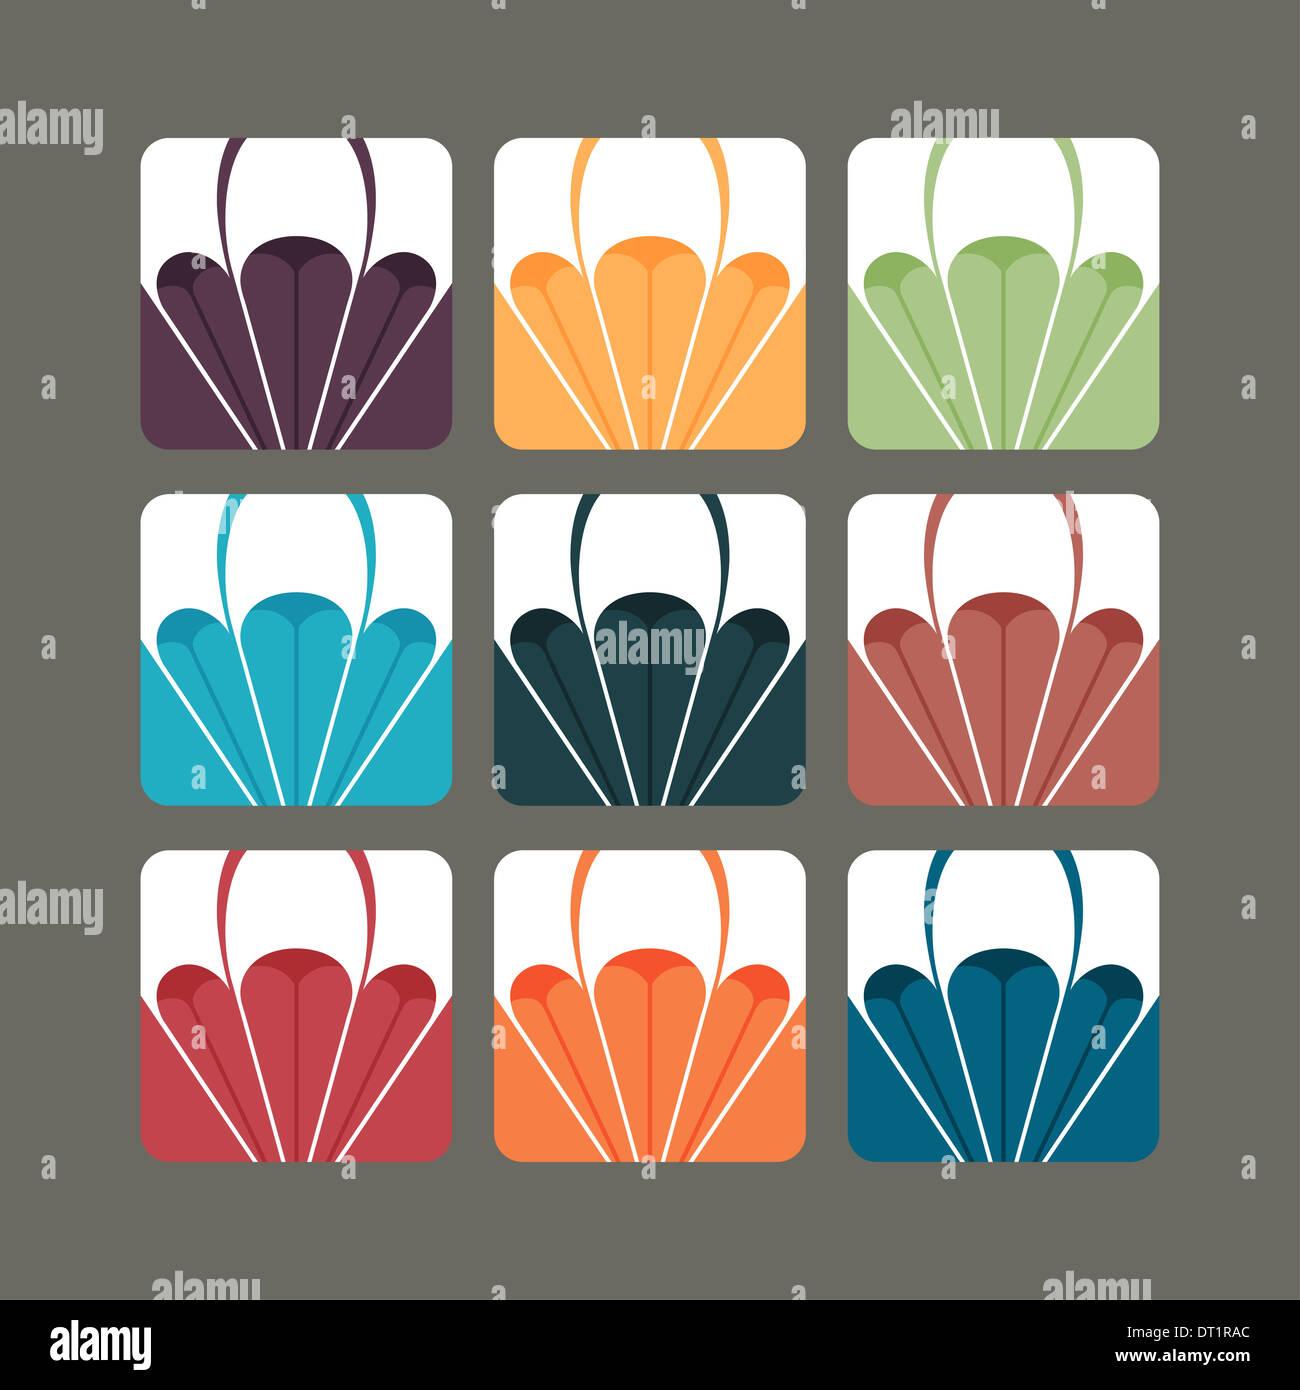 Insieme di vettori di parapendio in varianti di colore Immagini Stock